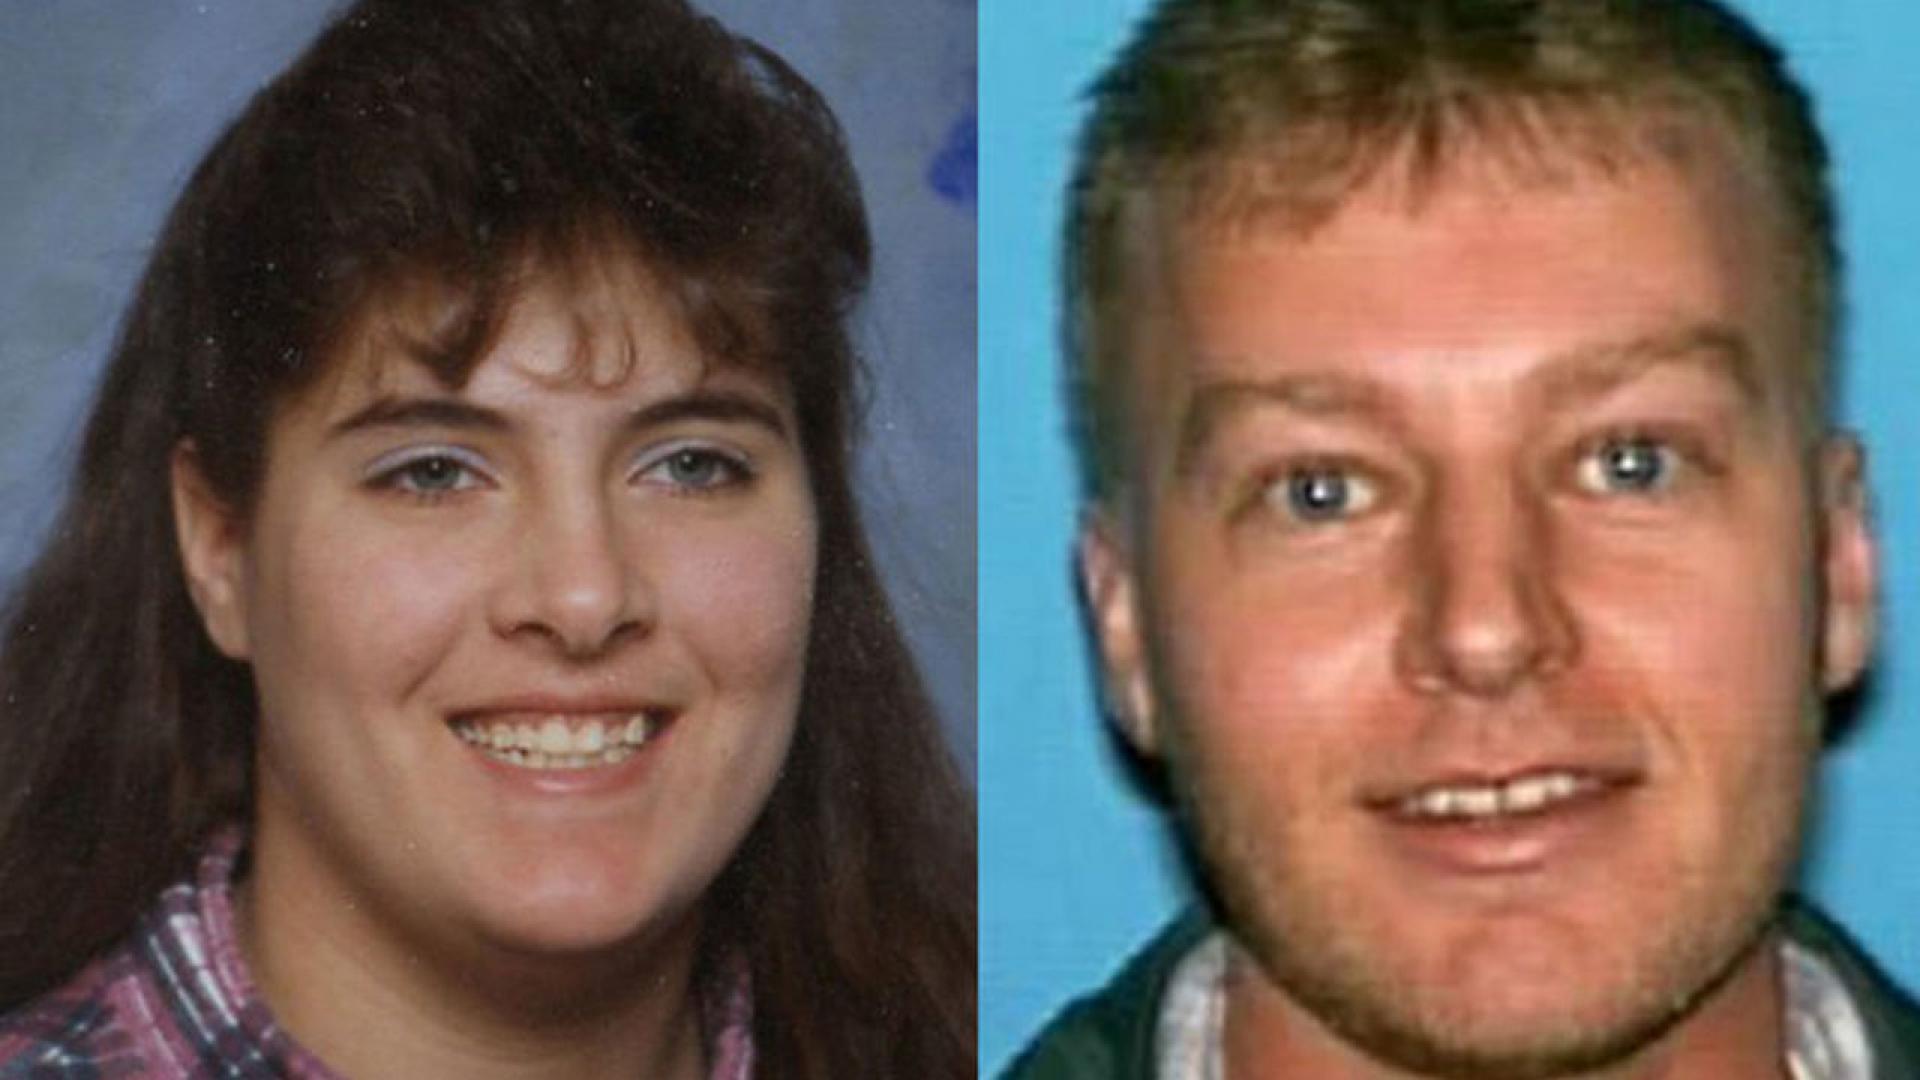 Jennifer Watkins allegedly murdered by co-worker Ricky Servert in 1999